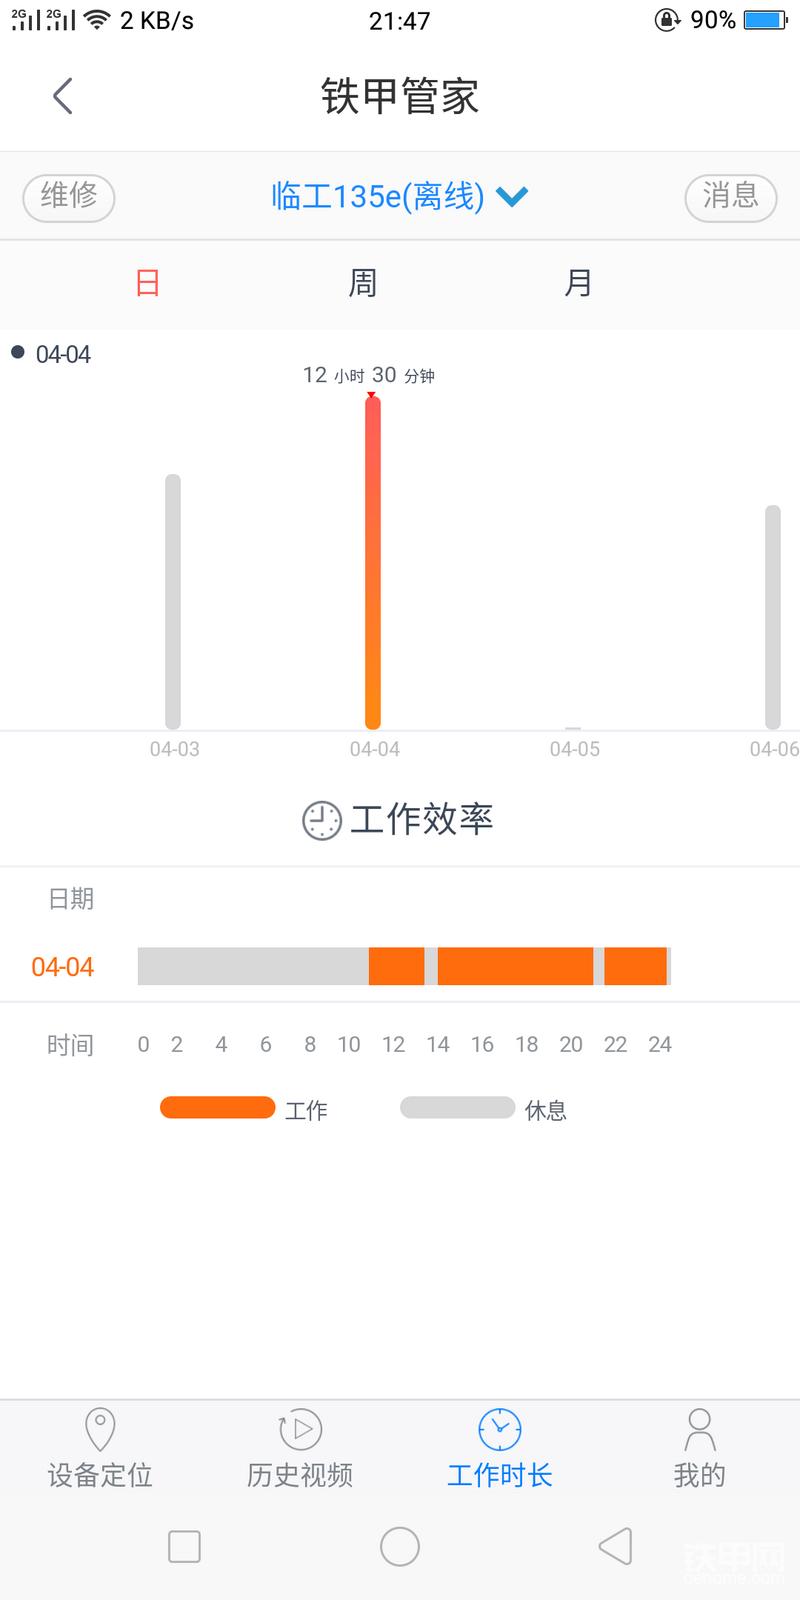 【我的铁甲日记第七天】之铁甲云云盒